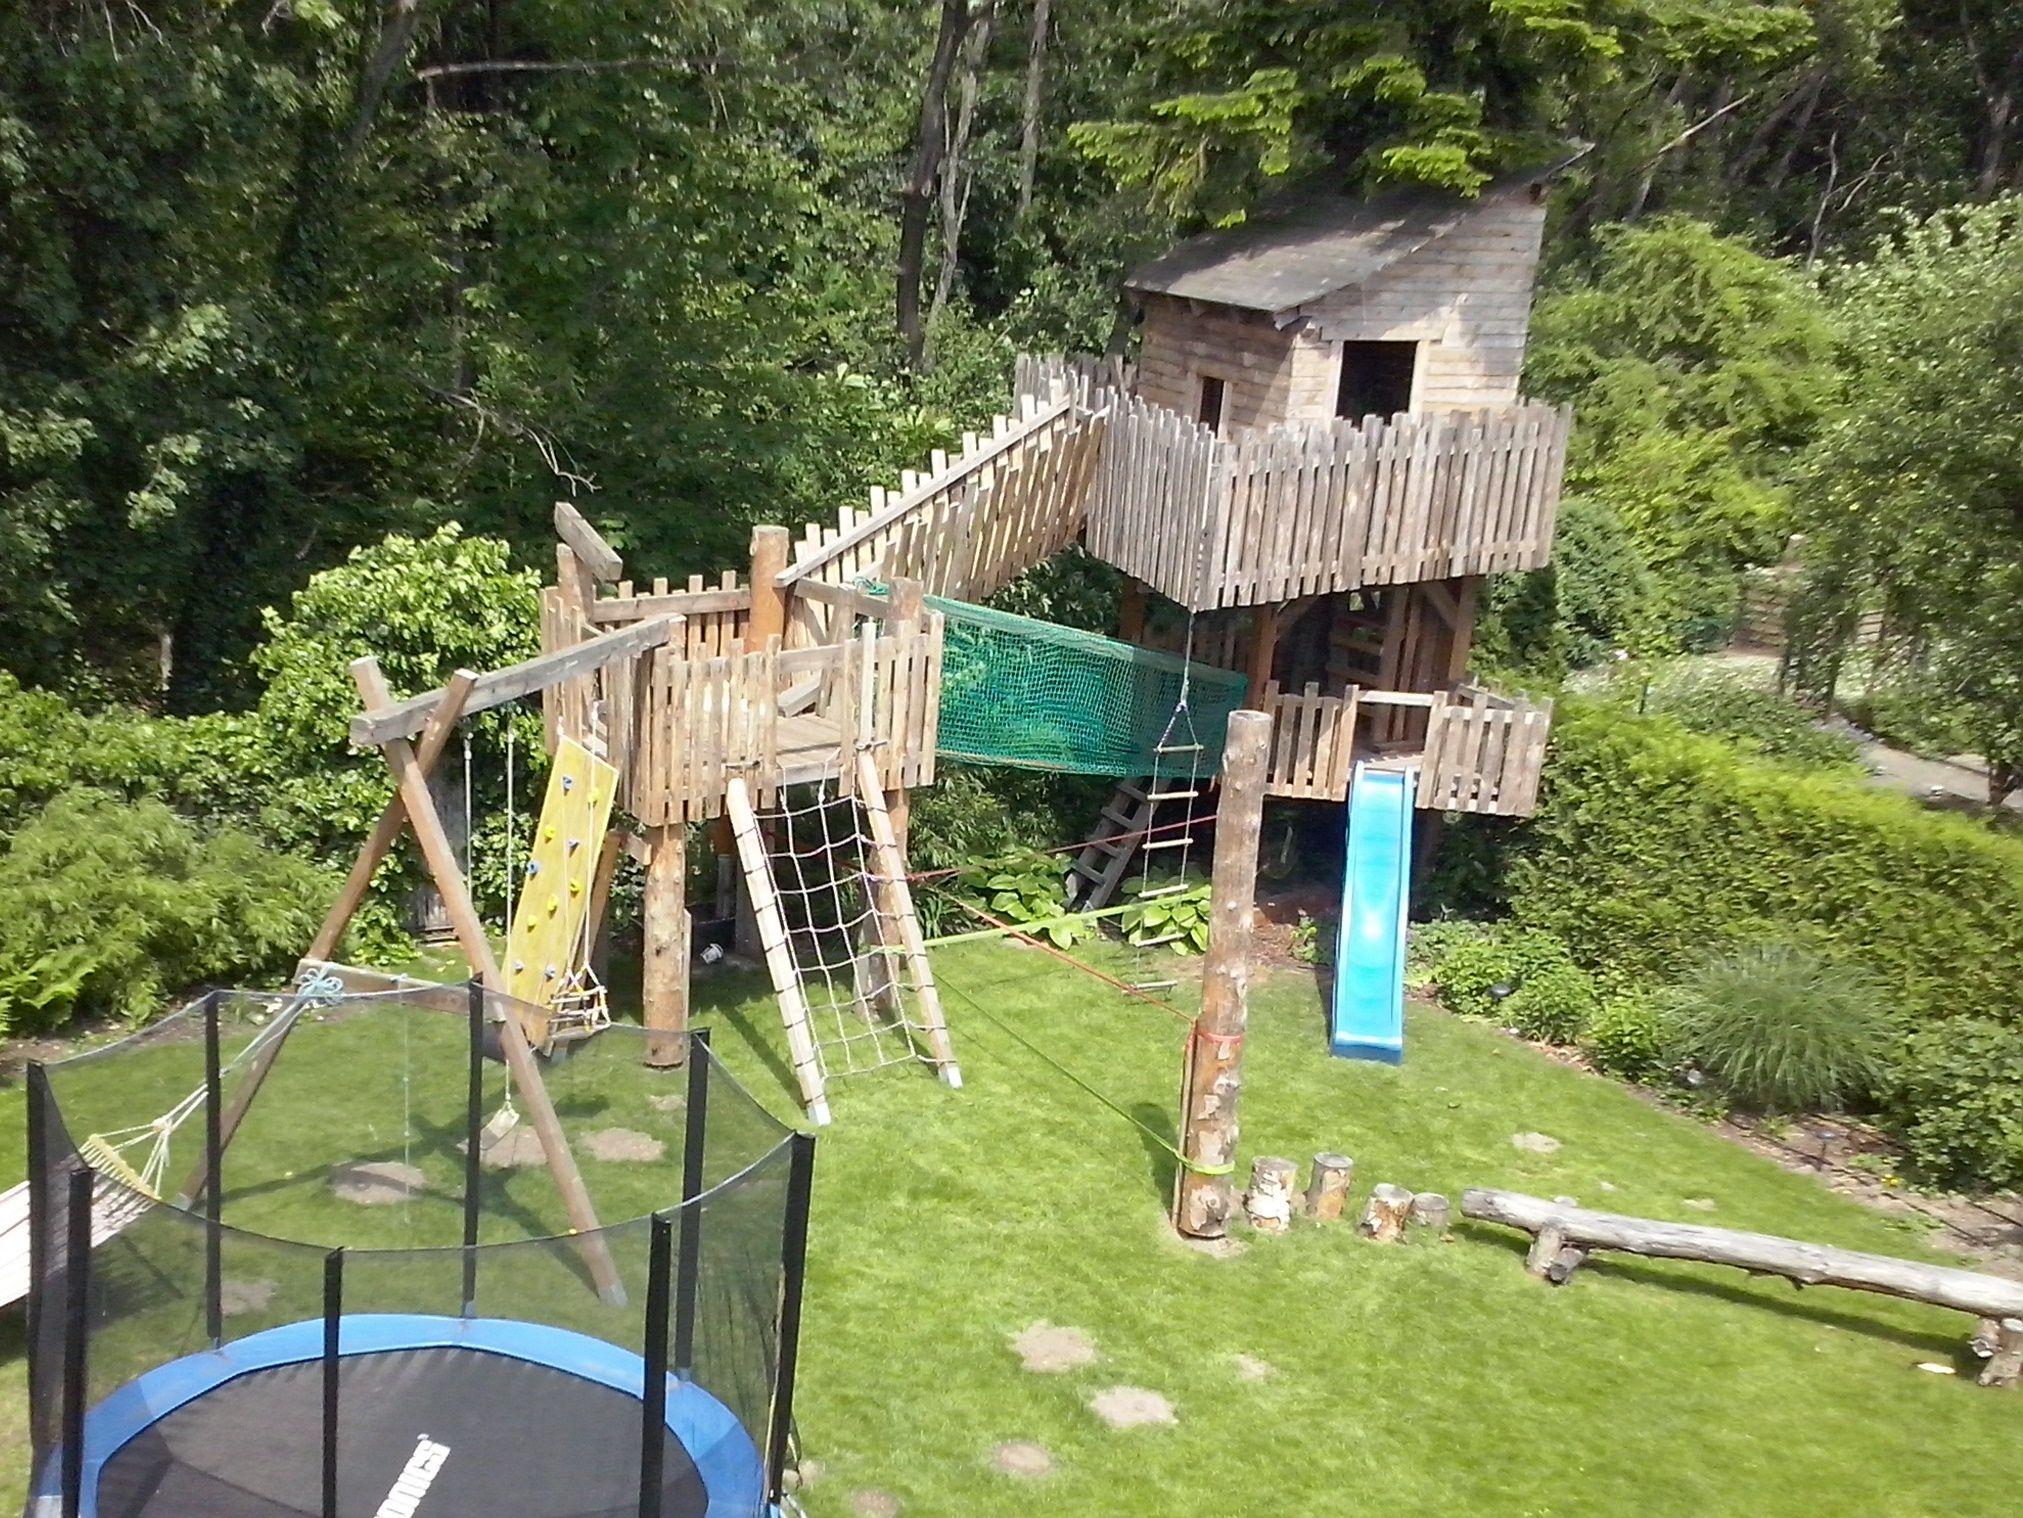 Spielplatz Im Eigenbau Gartengestaltung Peter Reinisch Garten Gartengestaltung Natur Pool